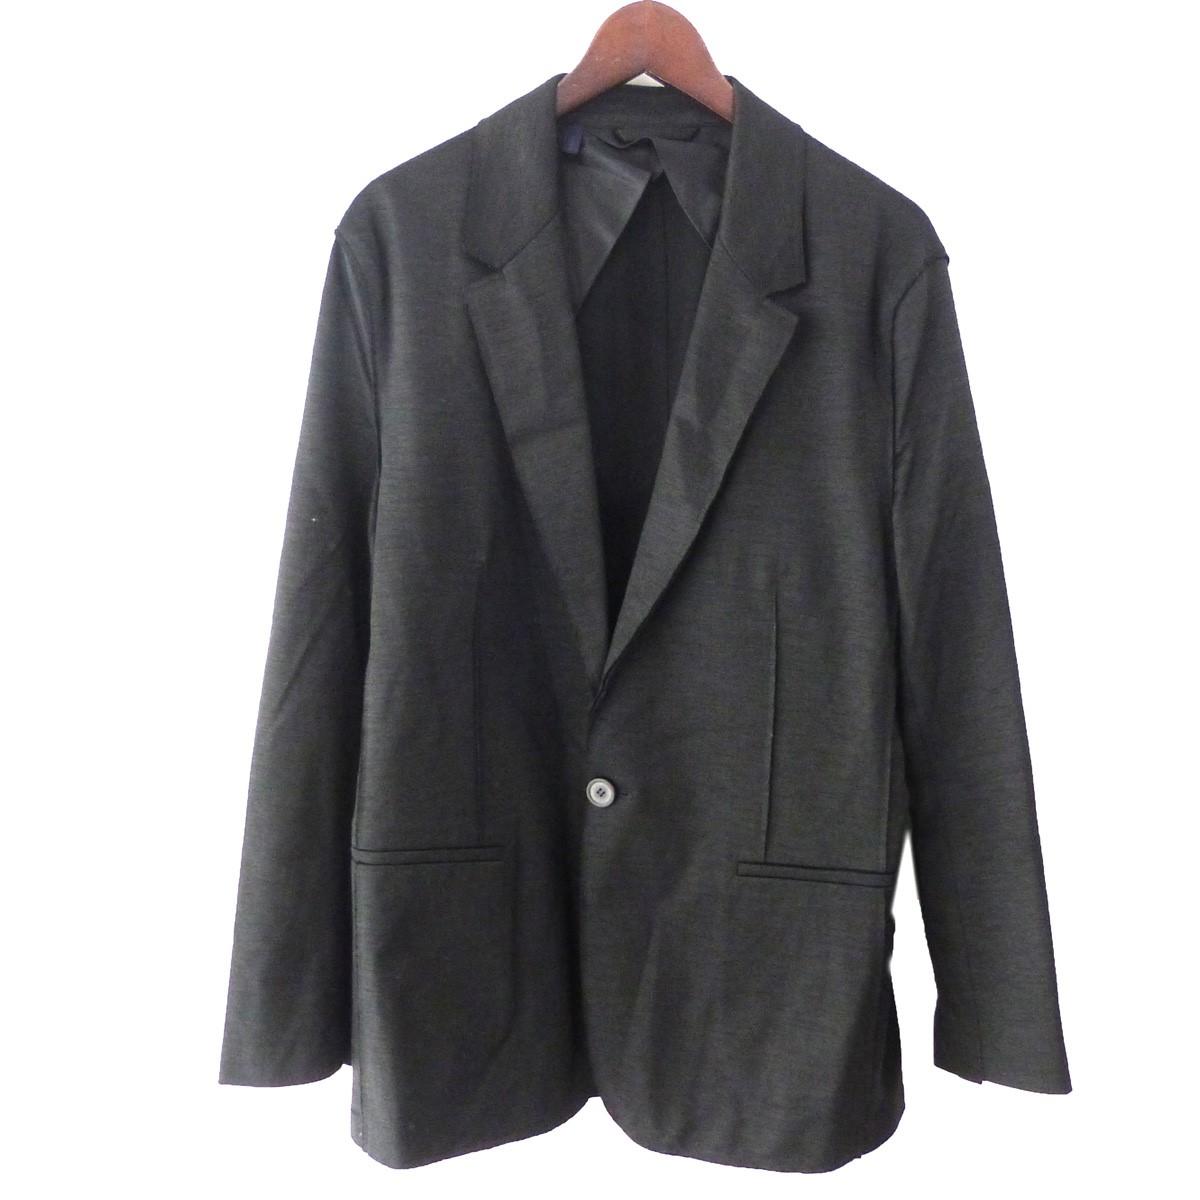 【中古】LANVIN ノッチドラペル1Bジャケット ブラック サイズ:50 【130819】(ランバン)